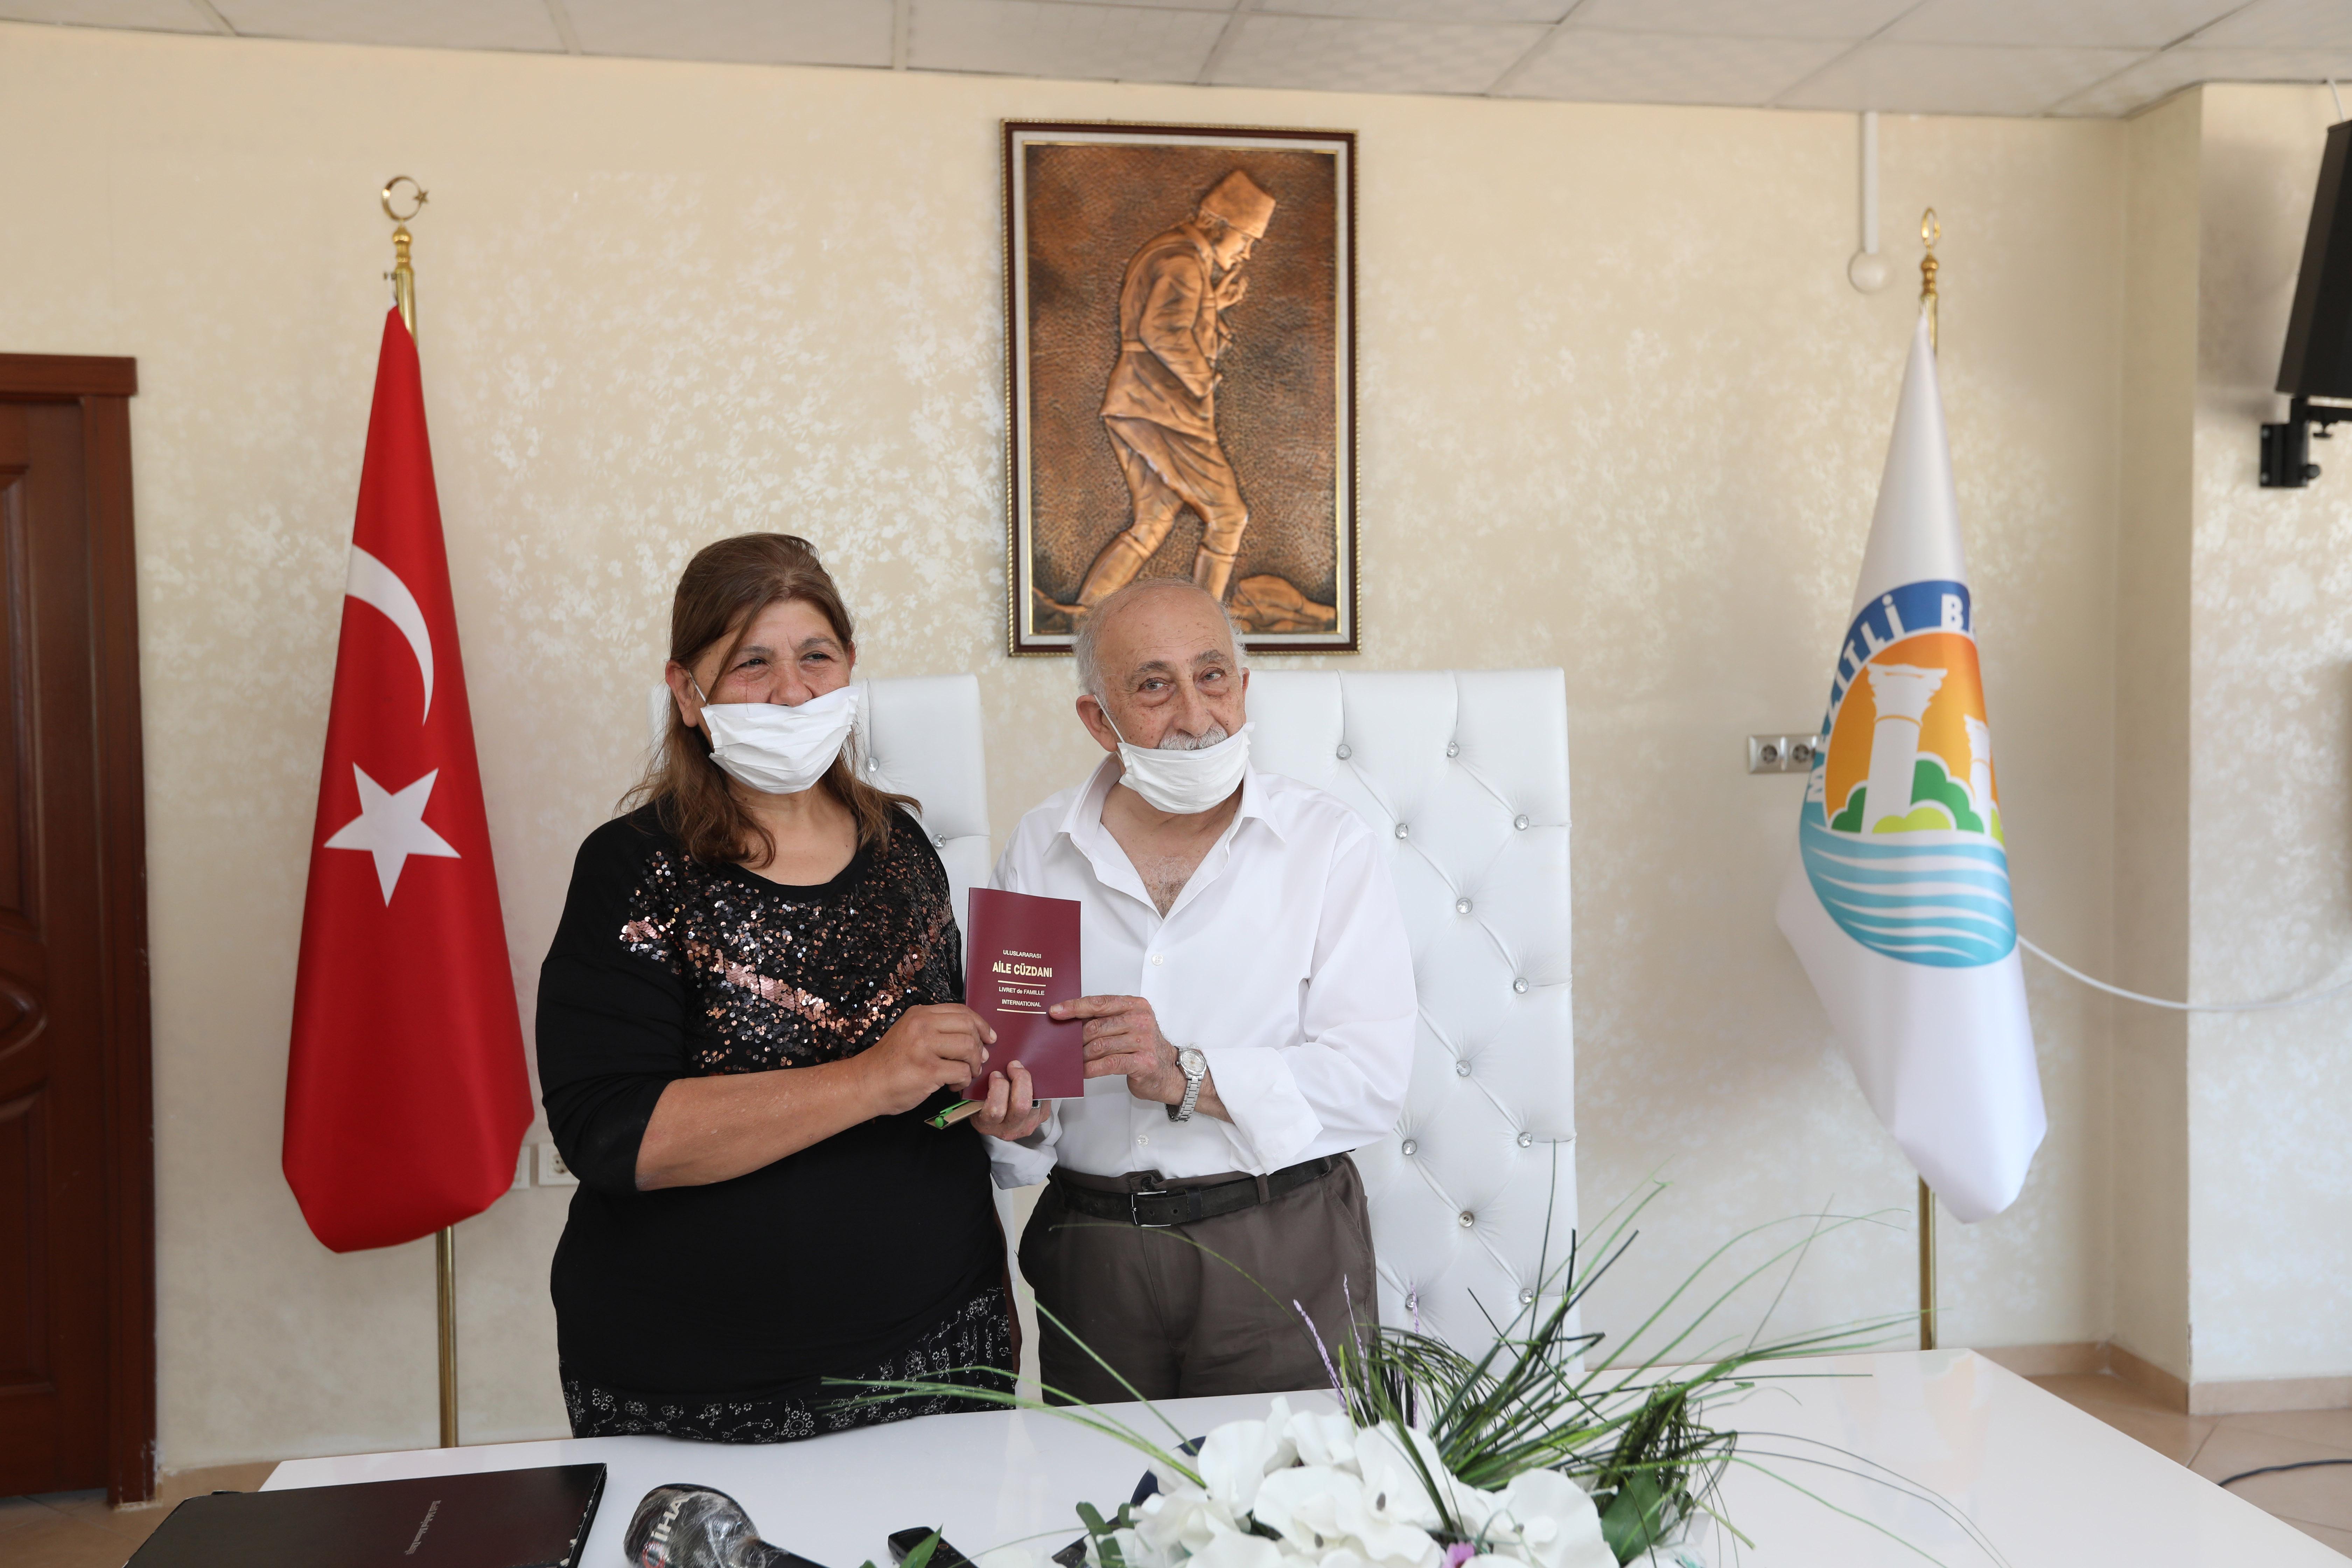 nazik-siparisiyle-turkiyenin-tanidigi-burhan-amca-ayrildigi-esiyle-30-yil-sonra-yeniden-evlendi-3014-dhaphoto1.jpg